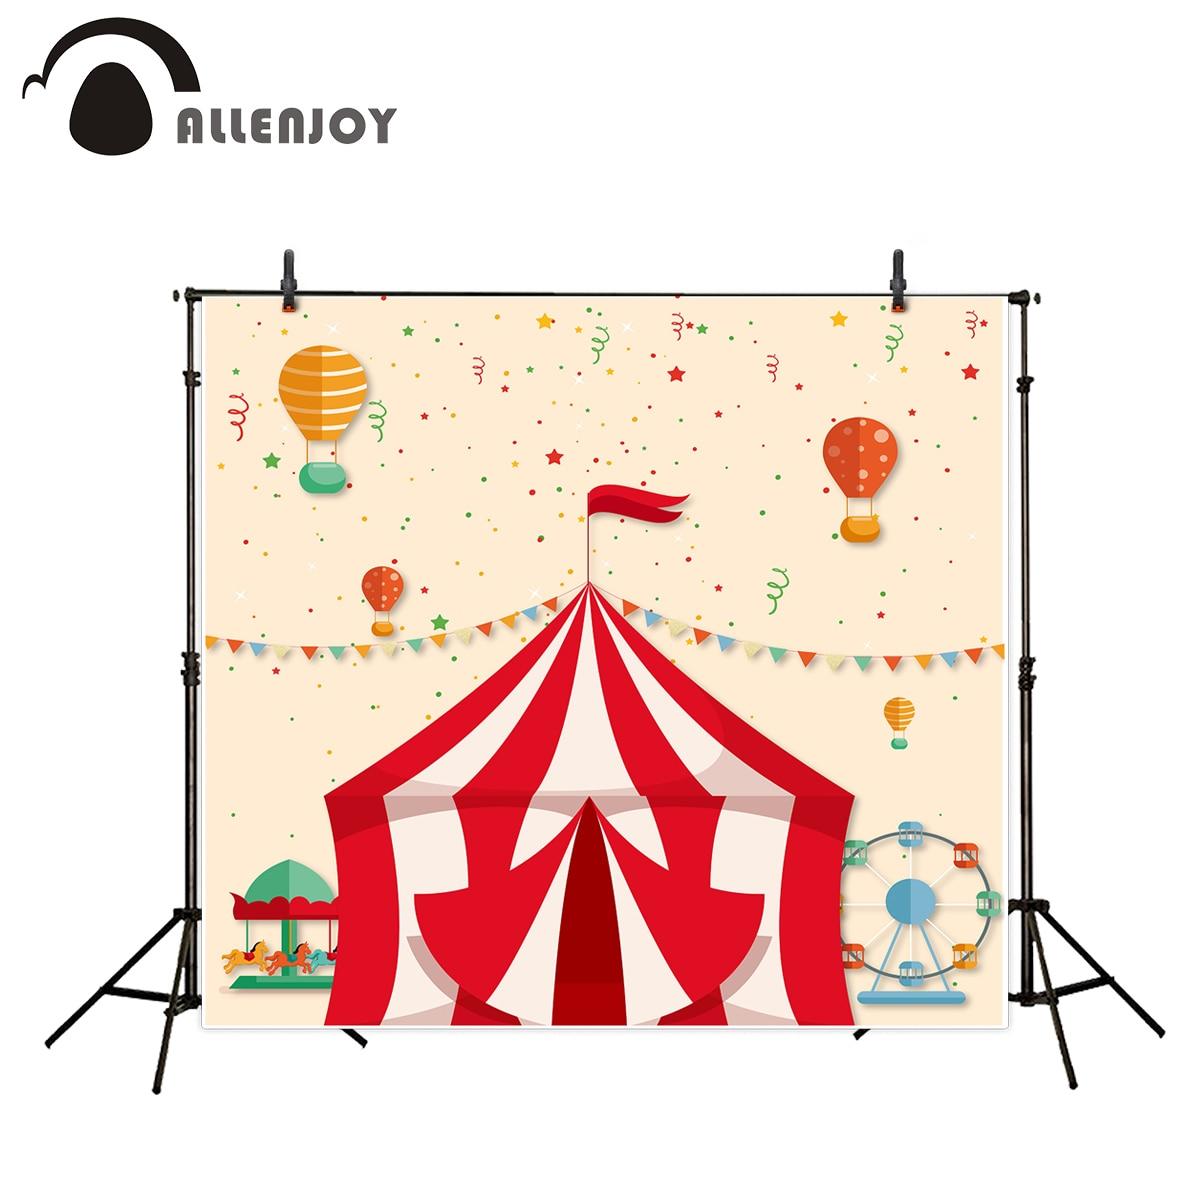 Allenjoy photography theme background amusement park Circus Carousel Balloon festival photographic camera backdrop vinyl photos